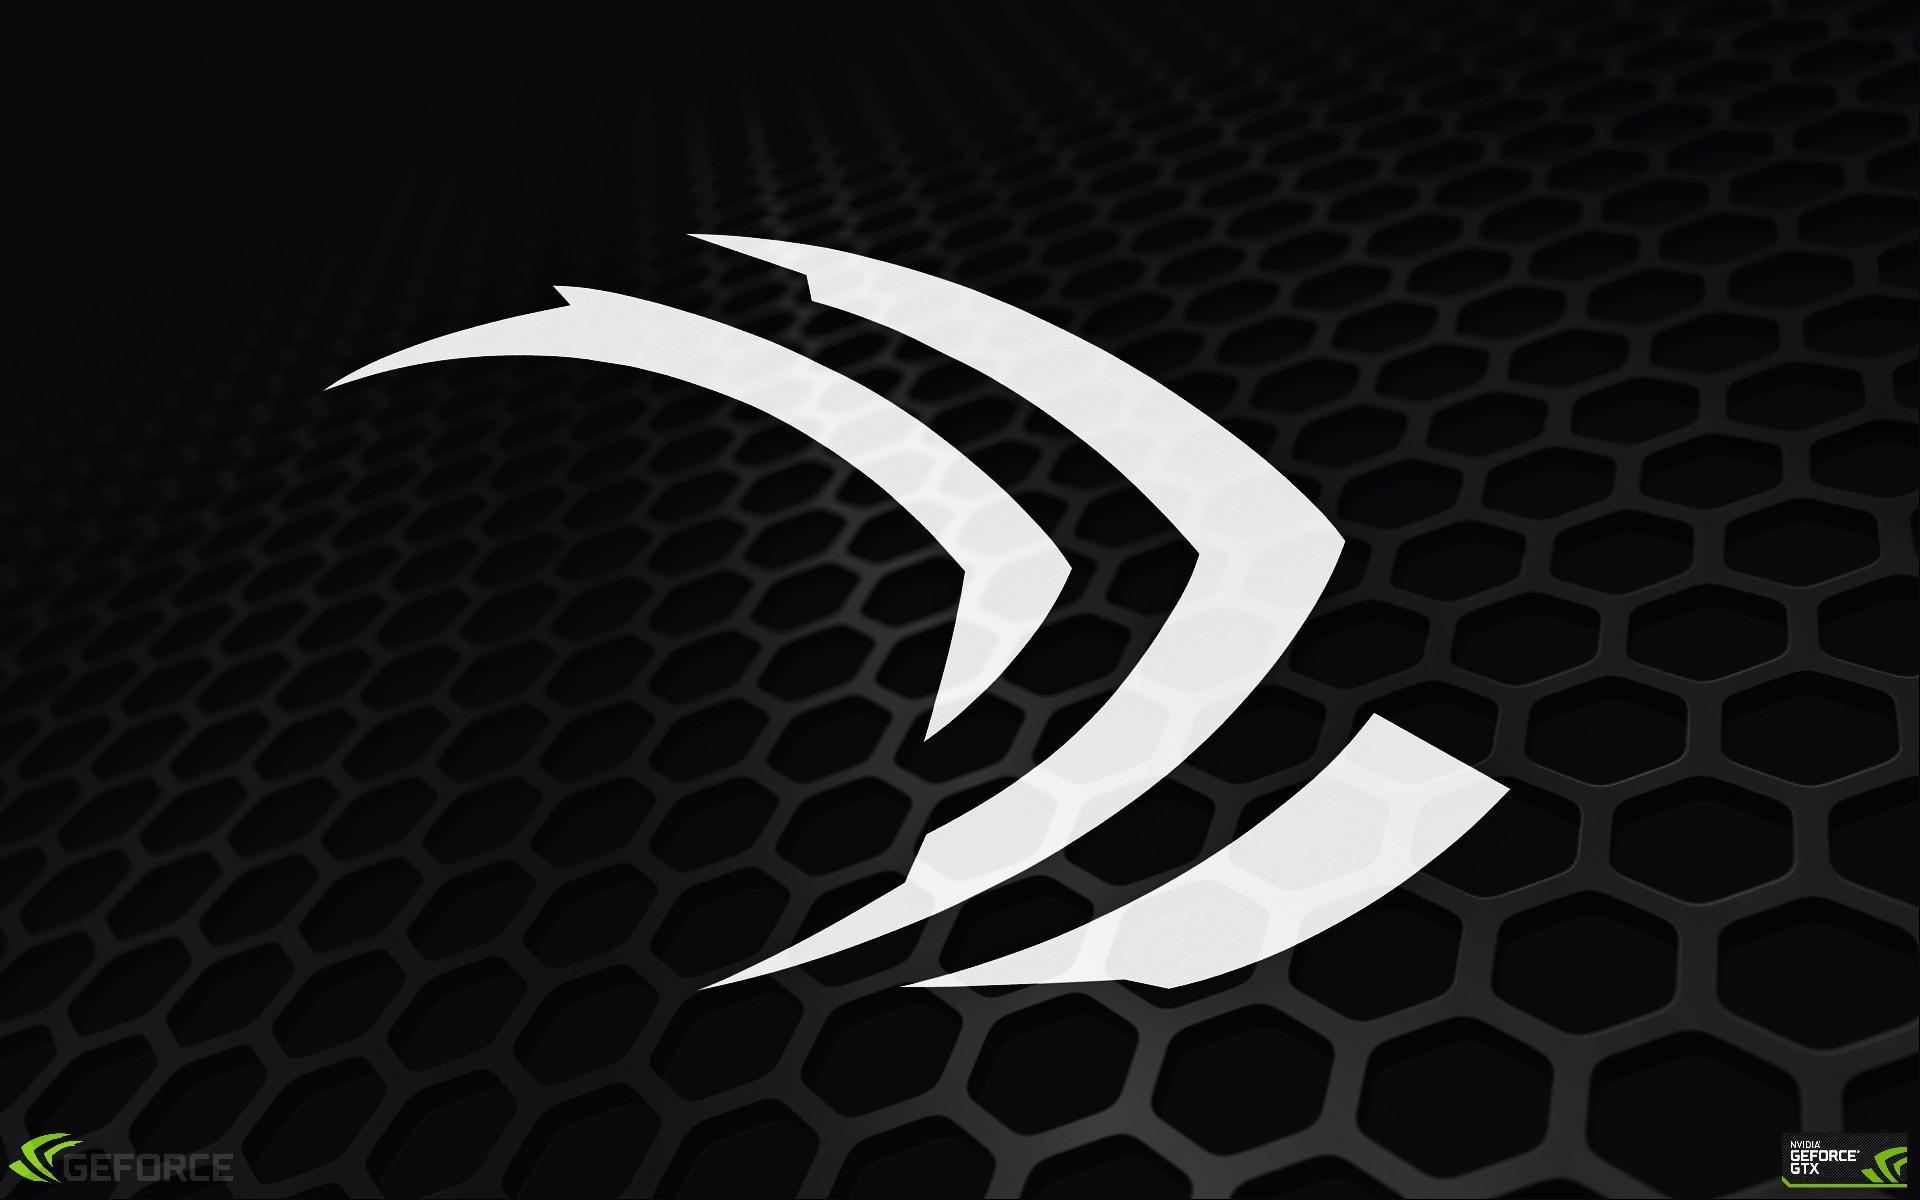 デスクトップ壁紙 黒 モノクロ ロゴ サークル Nvidia ビデオ